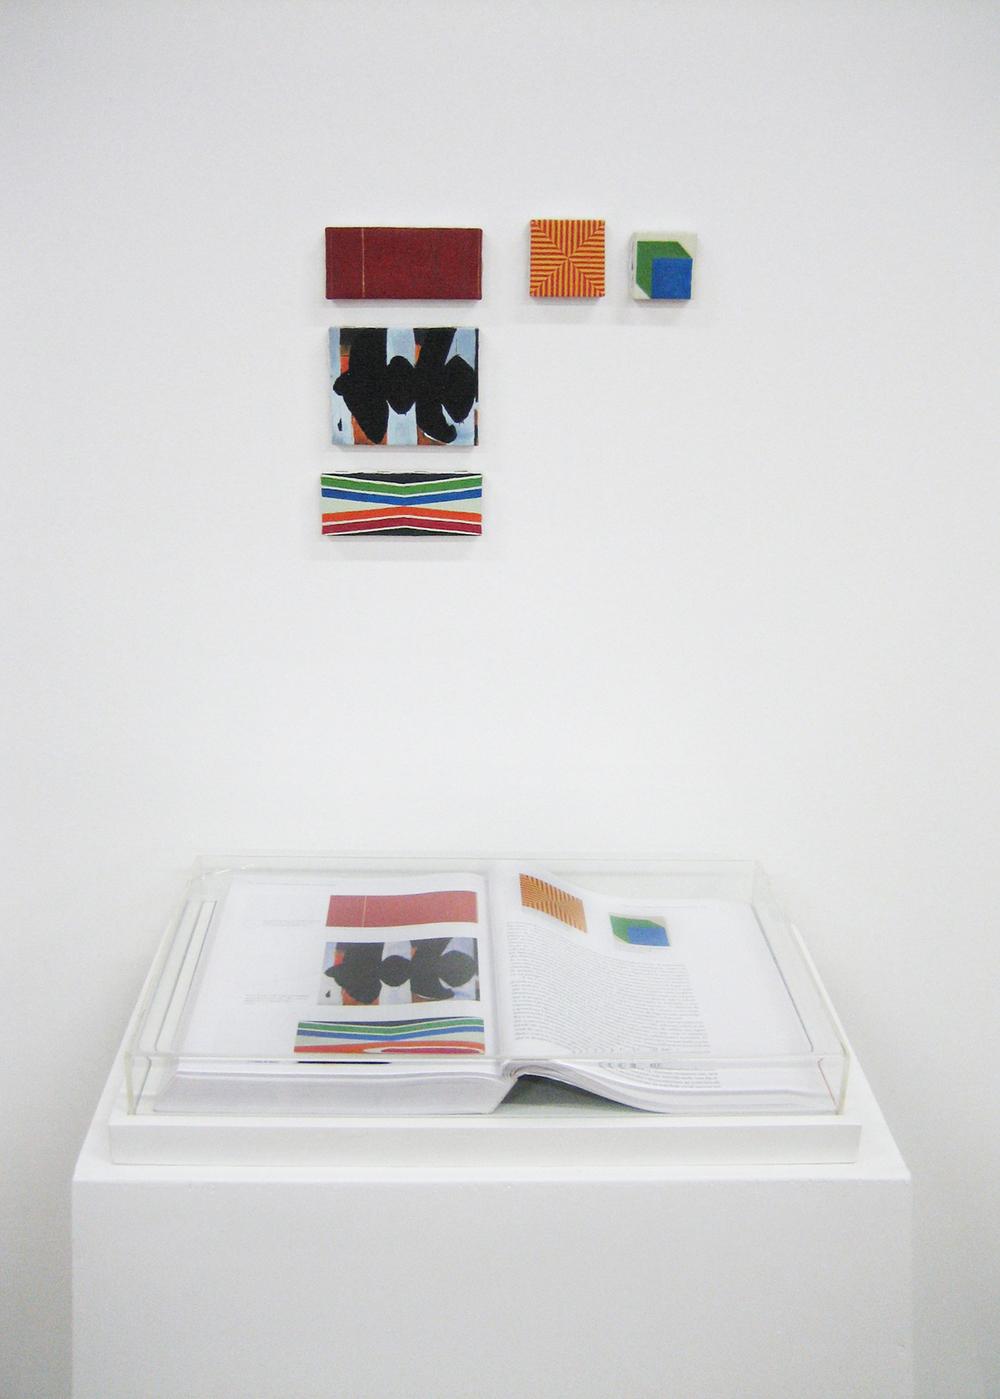 Páginas 572 e 573 (série Foi Assim Que Me Ensinaram) •2005 • Livro emoldurado, óleo sobre tela• 28,5 x 45 cm (livro), 5,5 x 12 cm, 9 x 11,5 cm, 4,8 x 12,2 cm, 5,5 x 5,5 cm, 5 x 5 cm